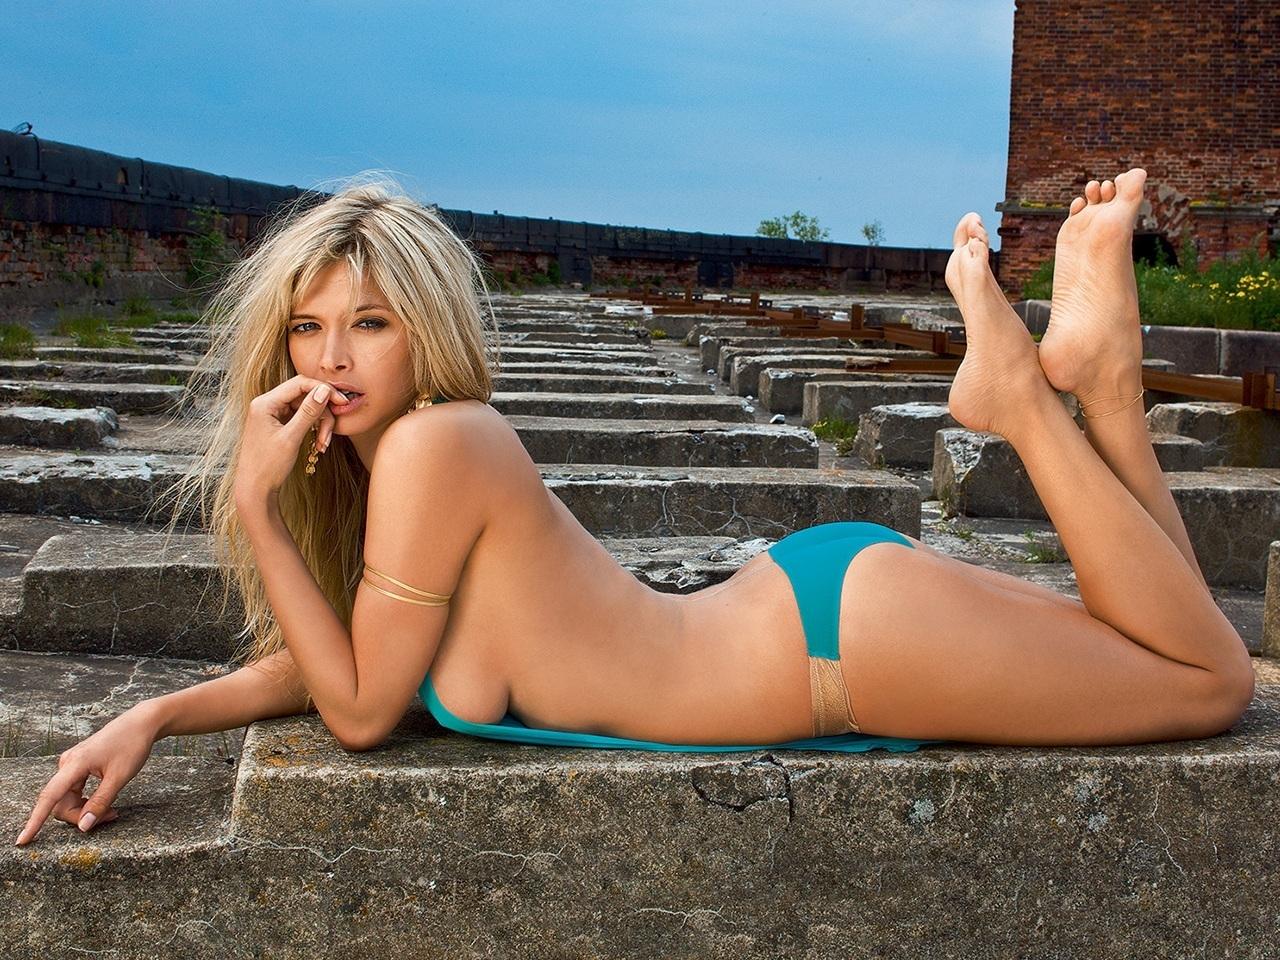 Смотреть онлайн голых украинских звезд шоу бизнеса 4 фотография